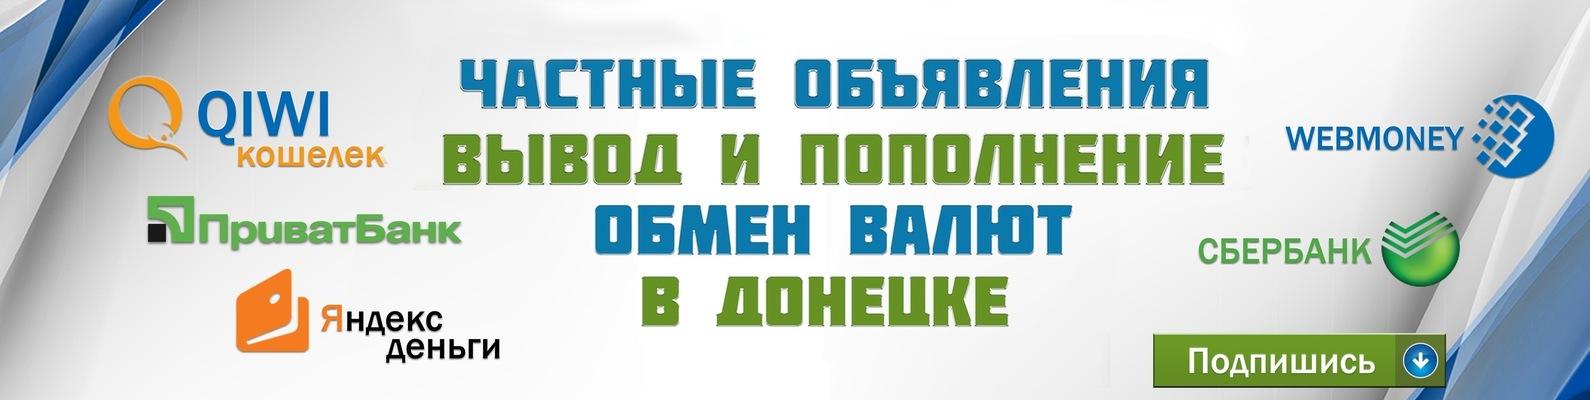 Курс обмена валют yandex томск